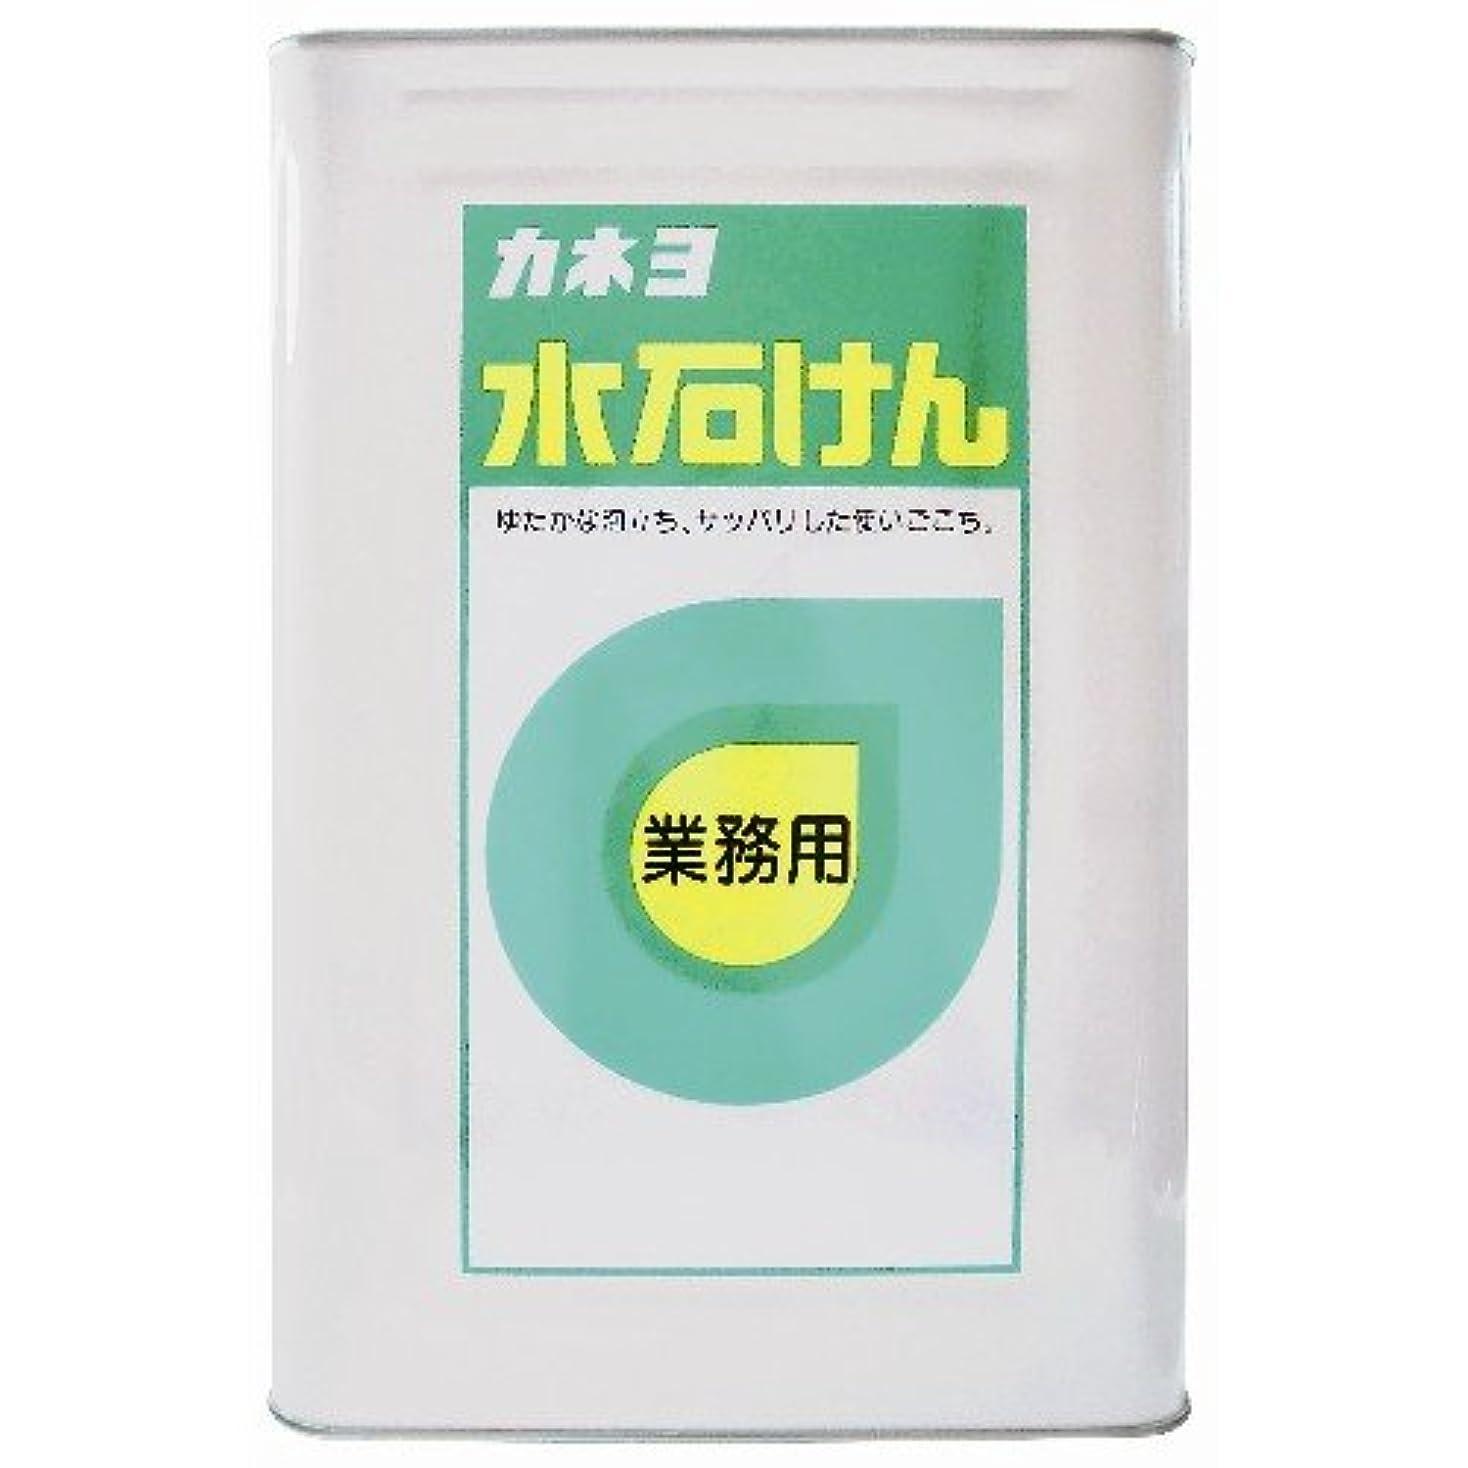 出席するラショナル展示会【大容量】 カネヨ石鹸 ハンドソープ 水石けん 液体 業務用 18L 一斗缶